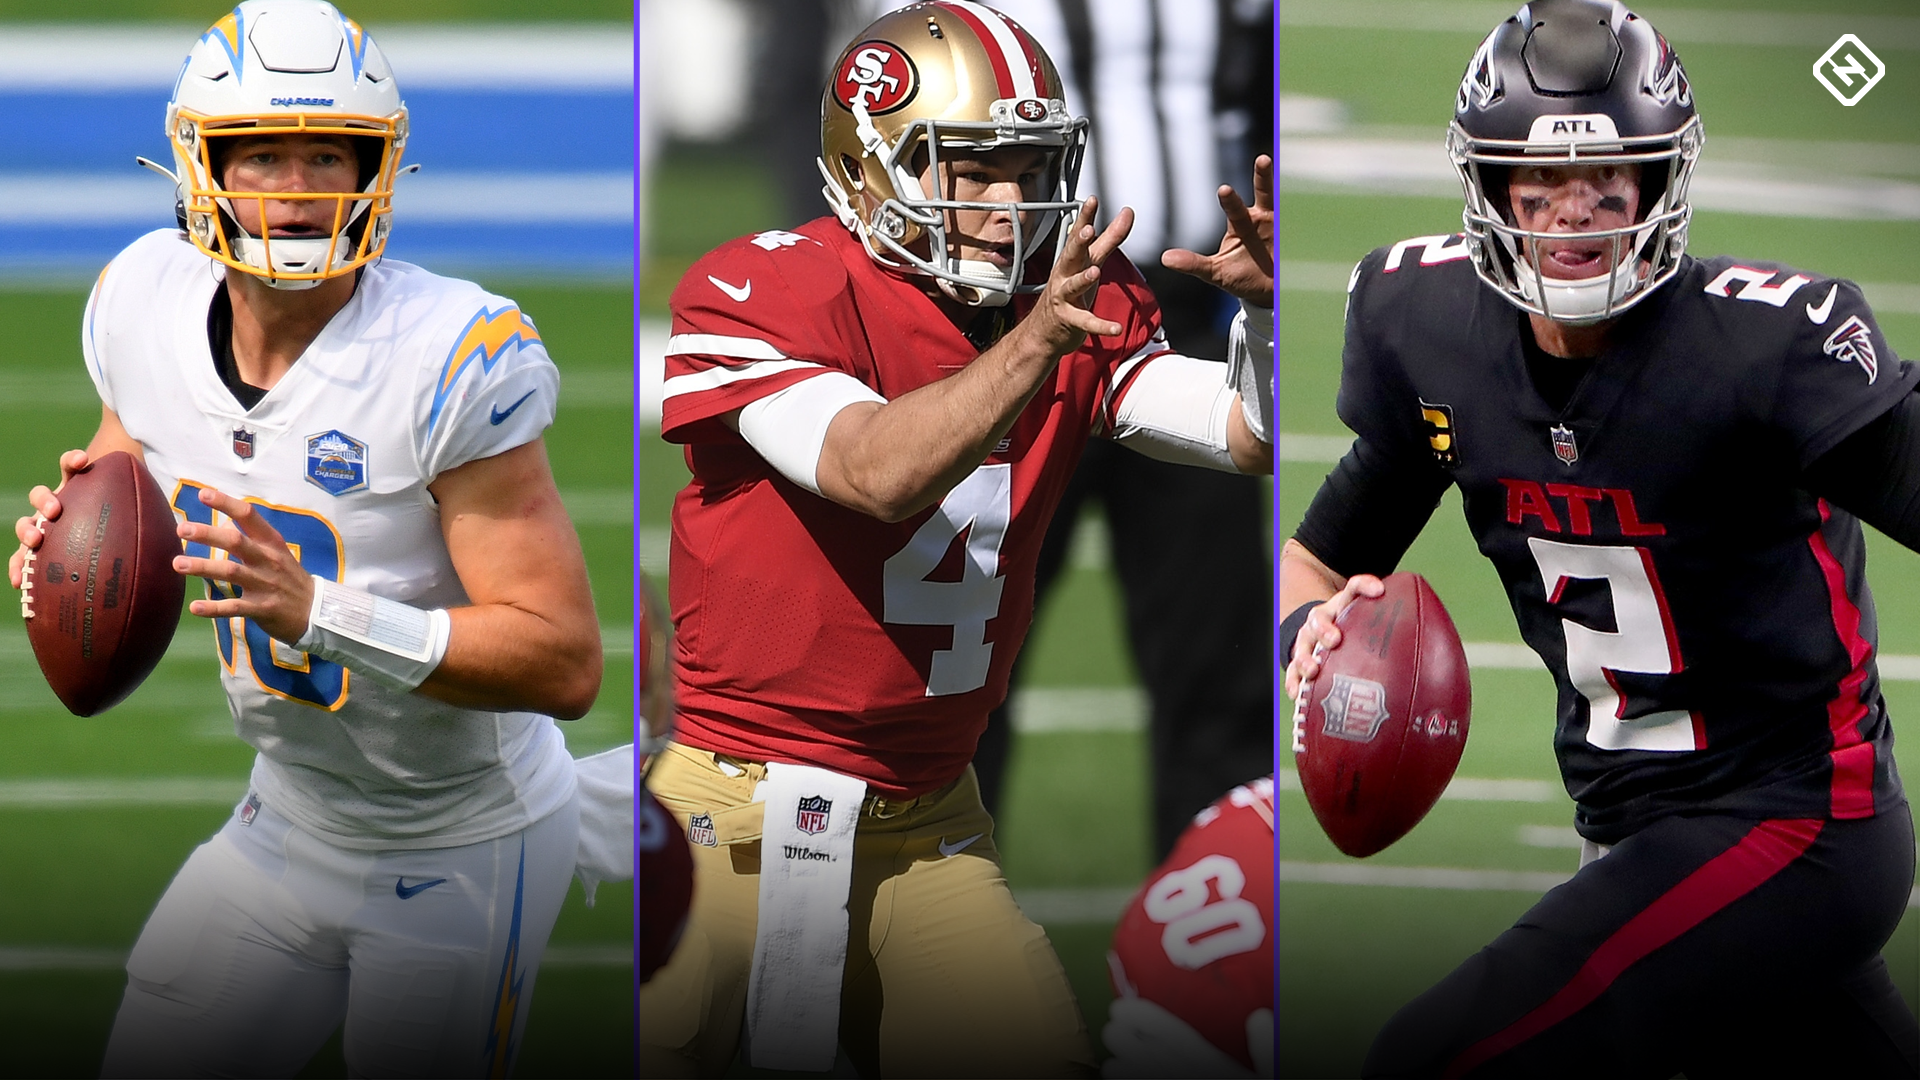 NFL Week 3 Betting Guide: Spread, moneyline, over/under picks